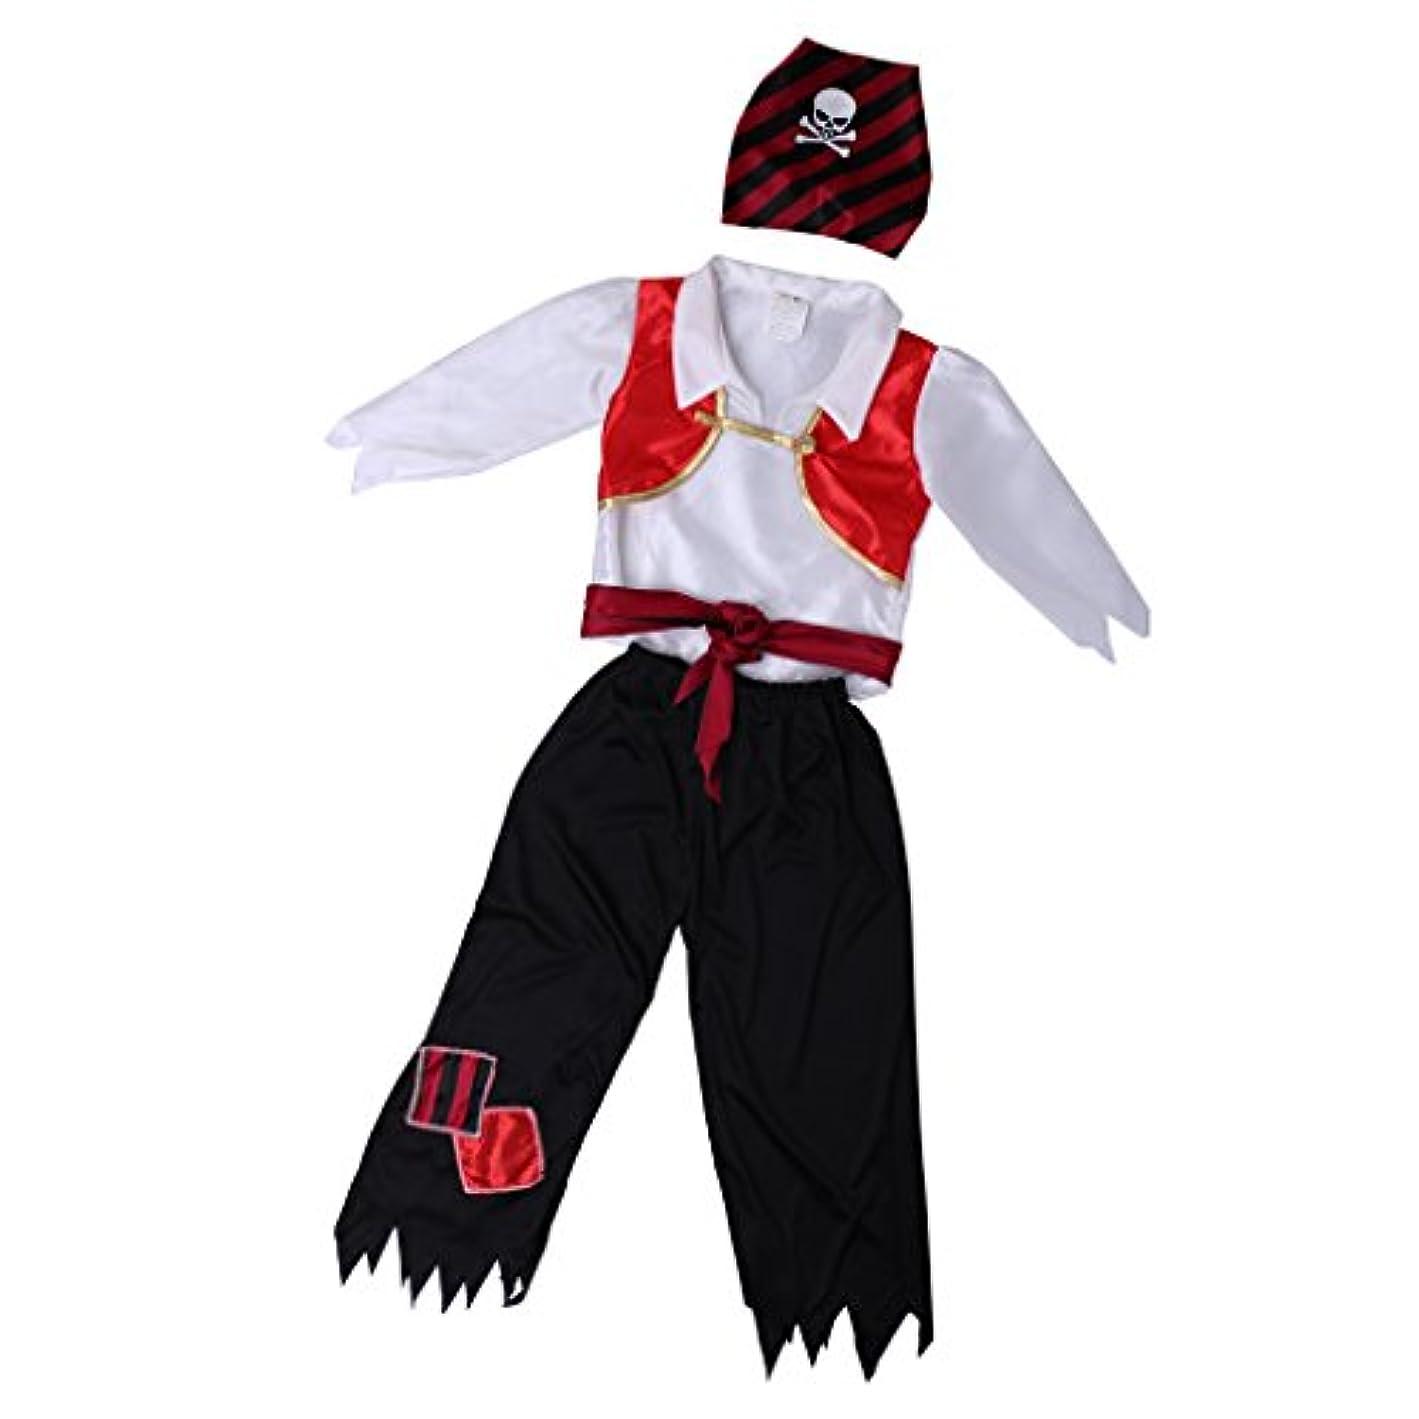 エイズピース治安判事SONONIA ボーイ ハロウィン リトル パイレーツ ファンシー ドレス ブックウィーク コスチューム アウトフィット 全3サイズ - XL